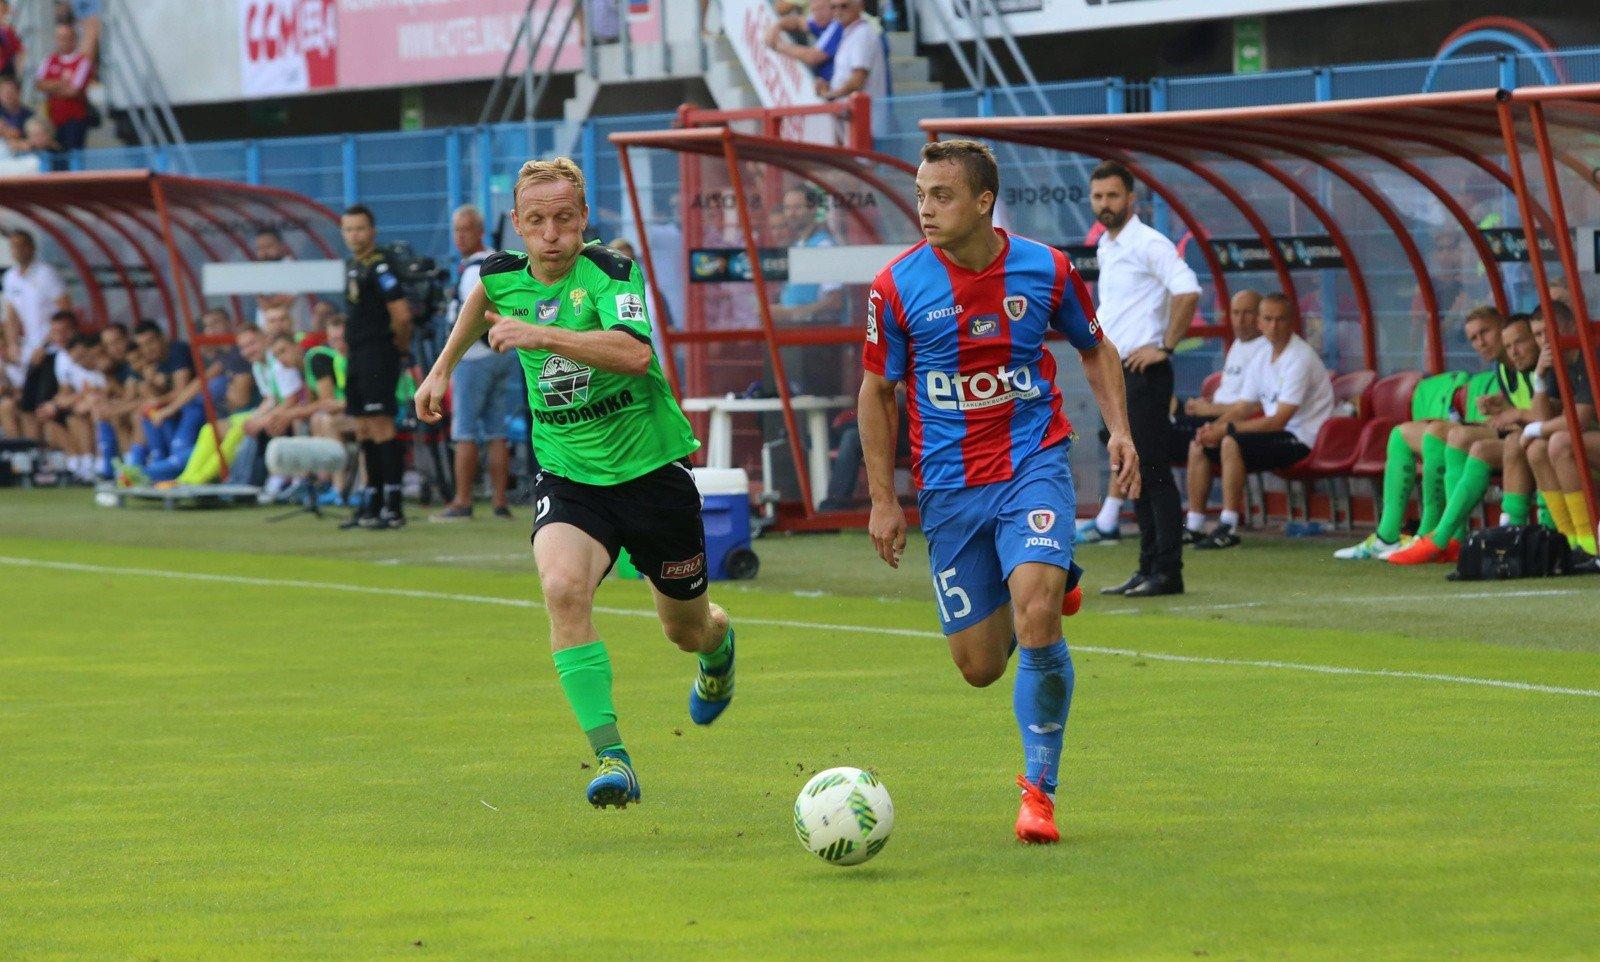 3459feec4 Michał Masłowski rozegrał swój drugi mecz po długiej przerwie spowodowanej  kontuzją